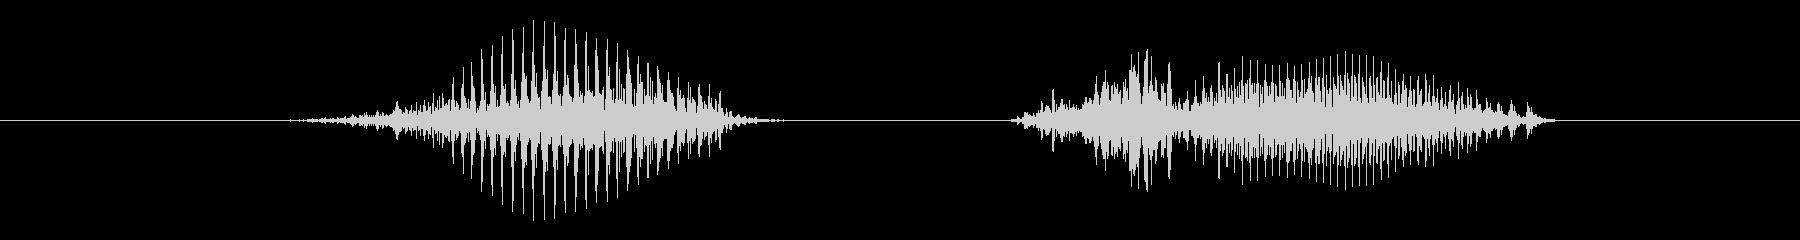 8(数字、女の子)の未再生の波形